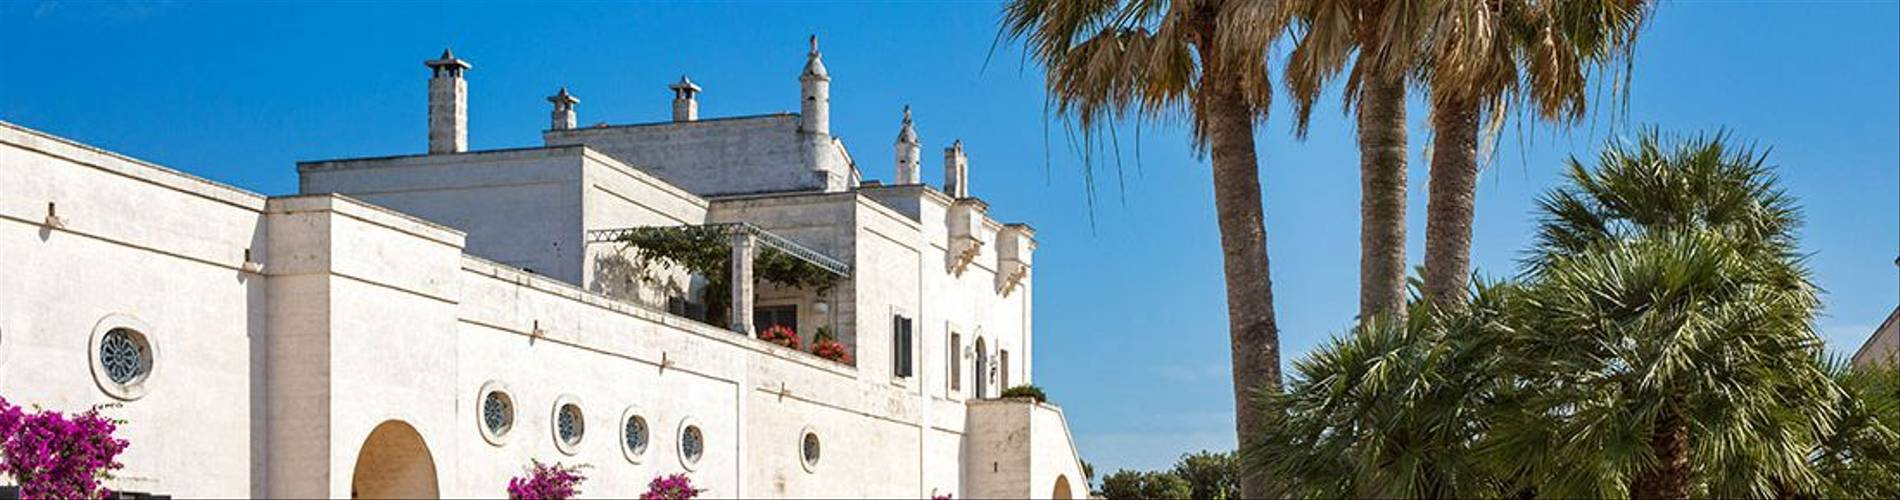 Masseria San Domenico, Puglia, Italy (13).jpg